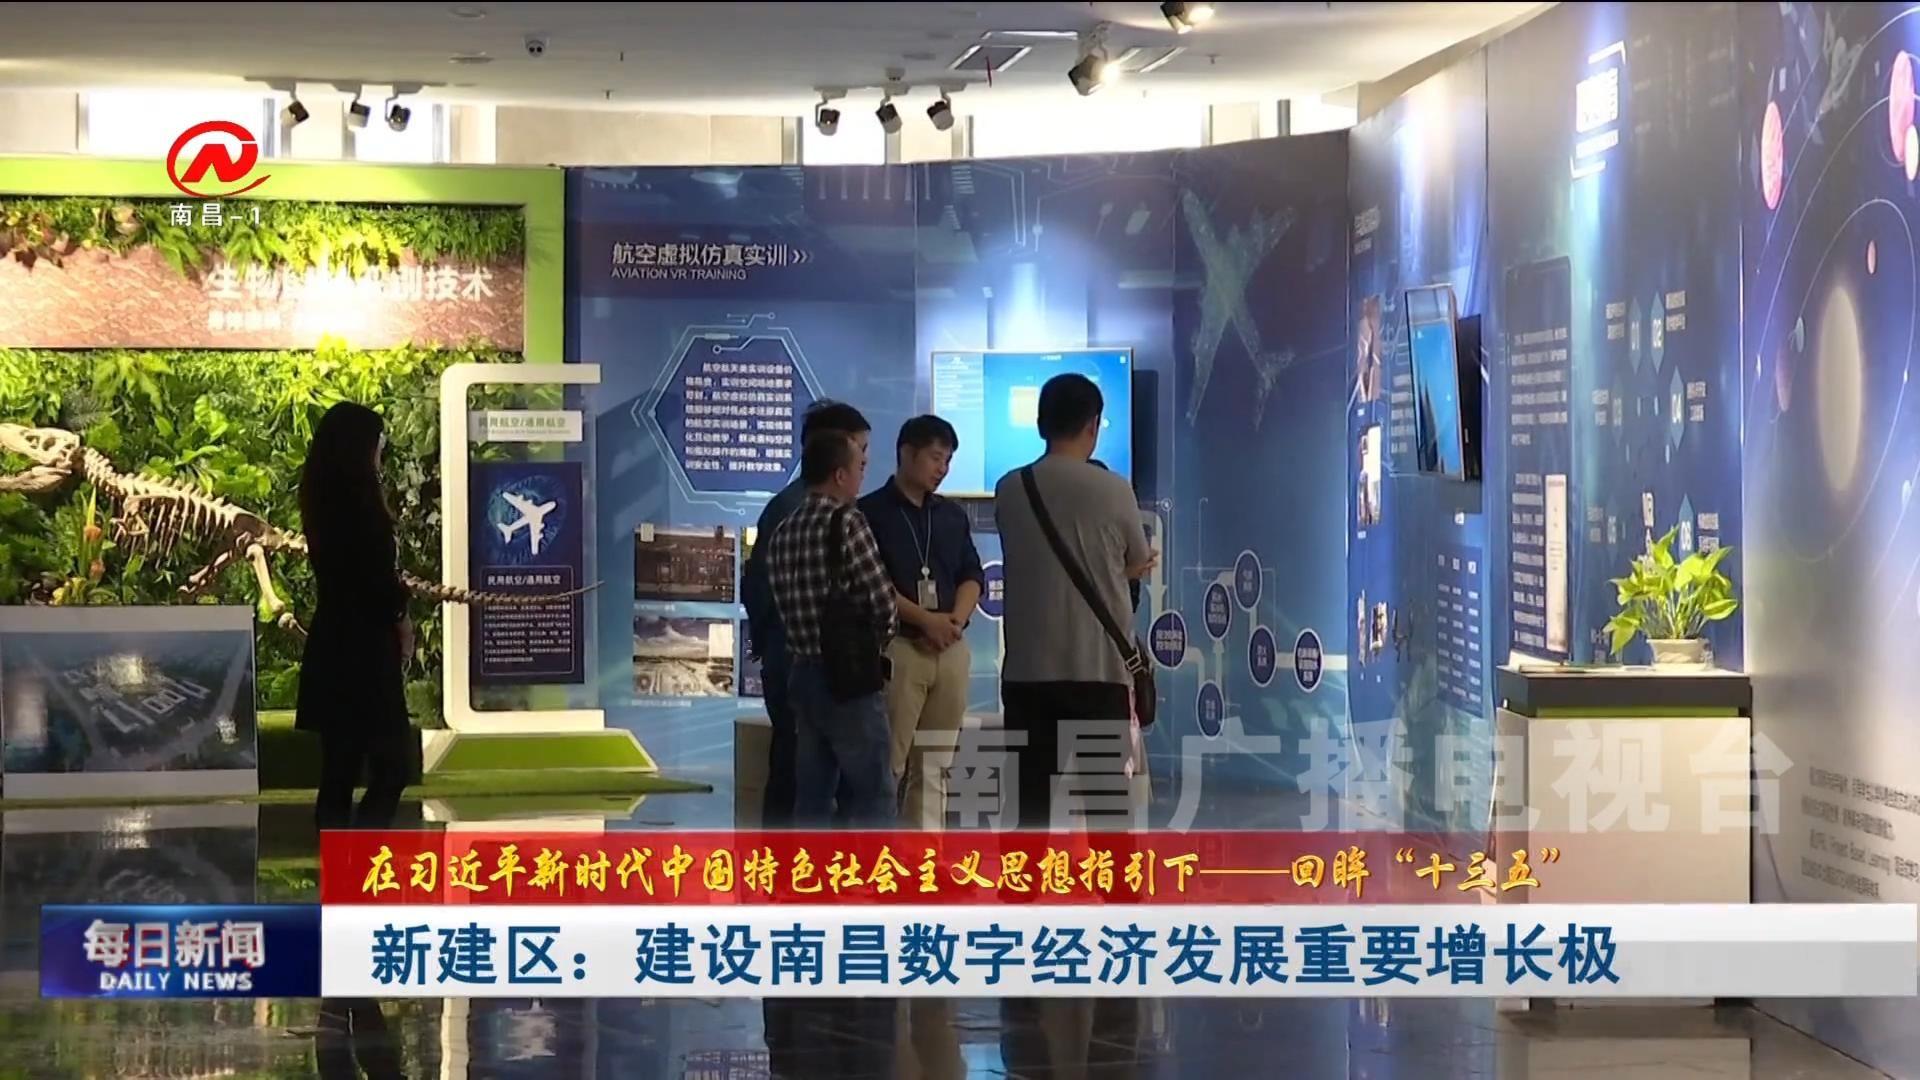 新建区:建设南昌数字经济发展重要增长极